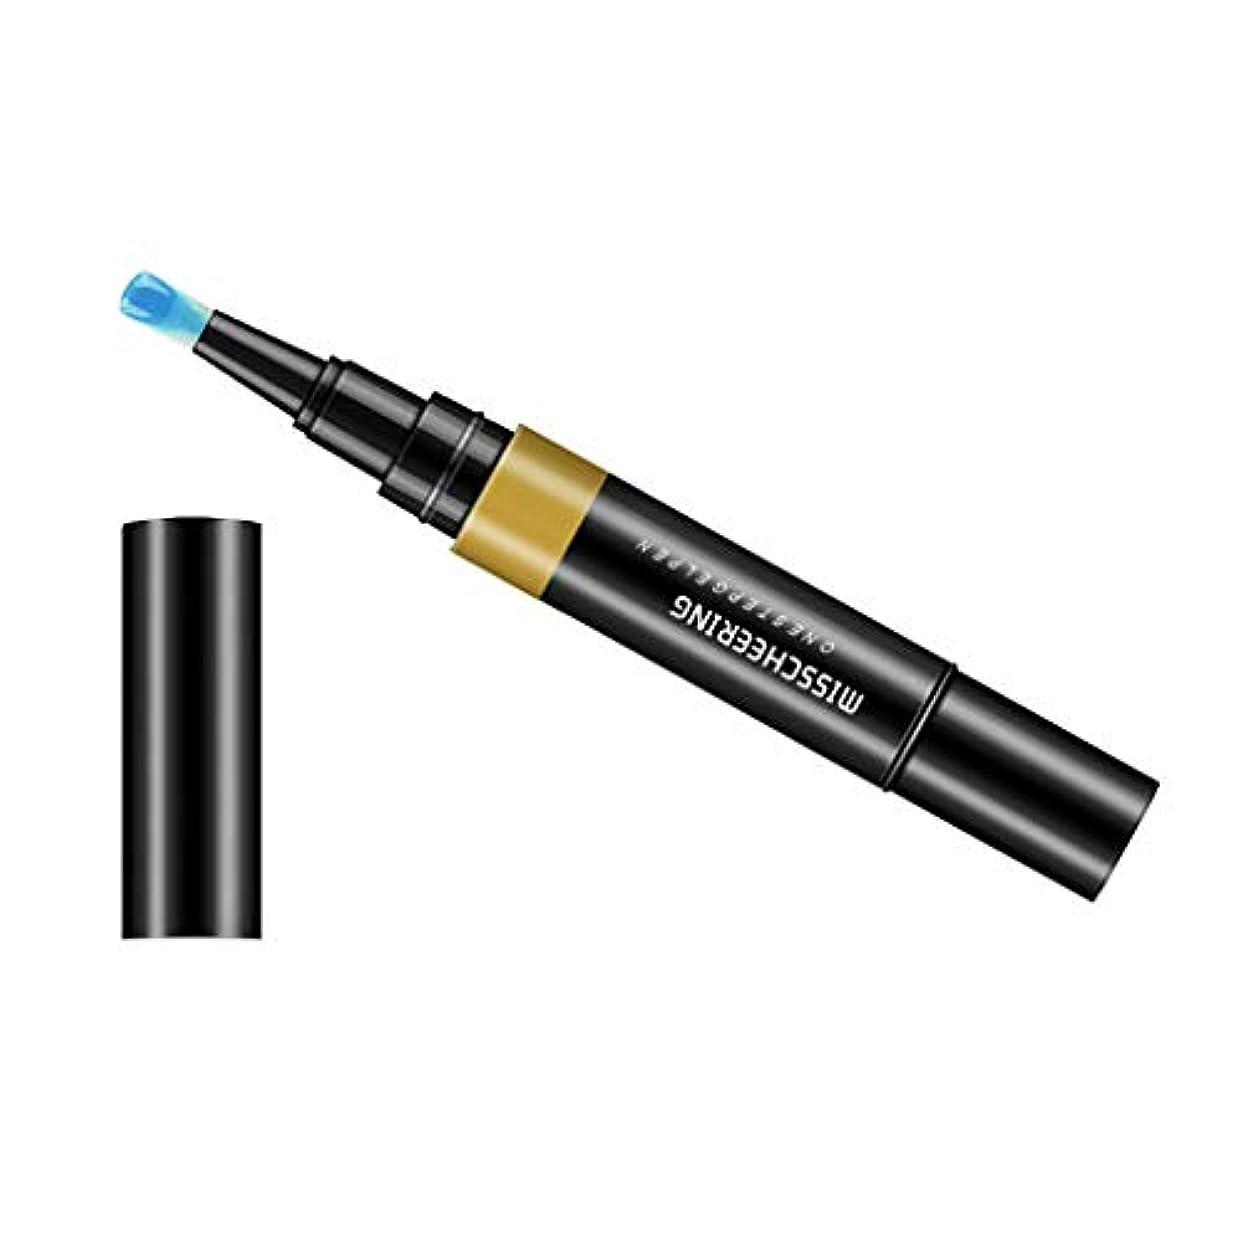 時期尚早ブラケット株式会社ネイルアートペン マニキュアペン セルフネイル 3 in 1 カラージェル ネイルデザイン ジェルネイル - ブルー